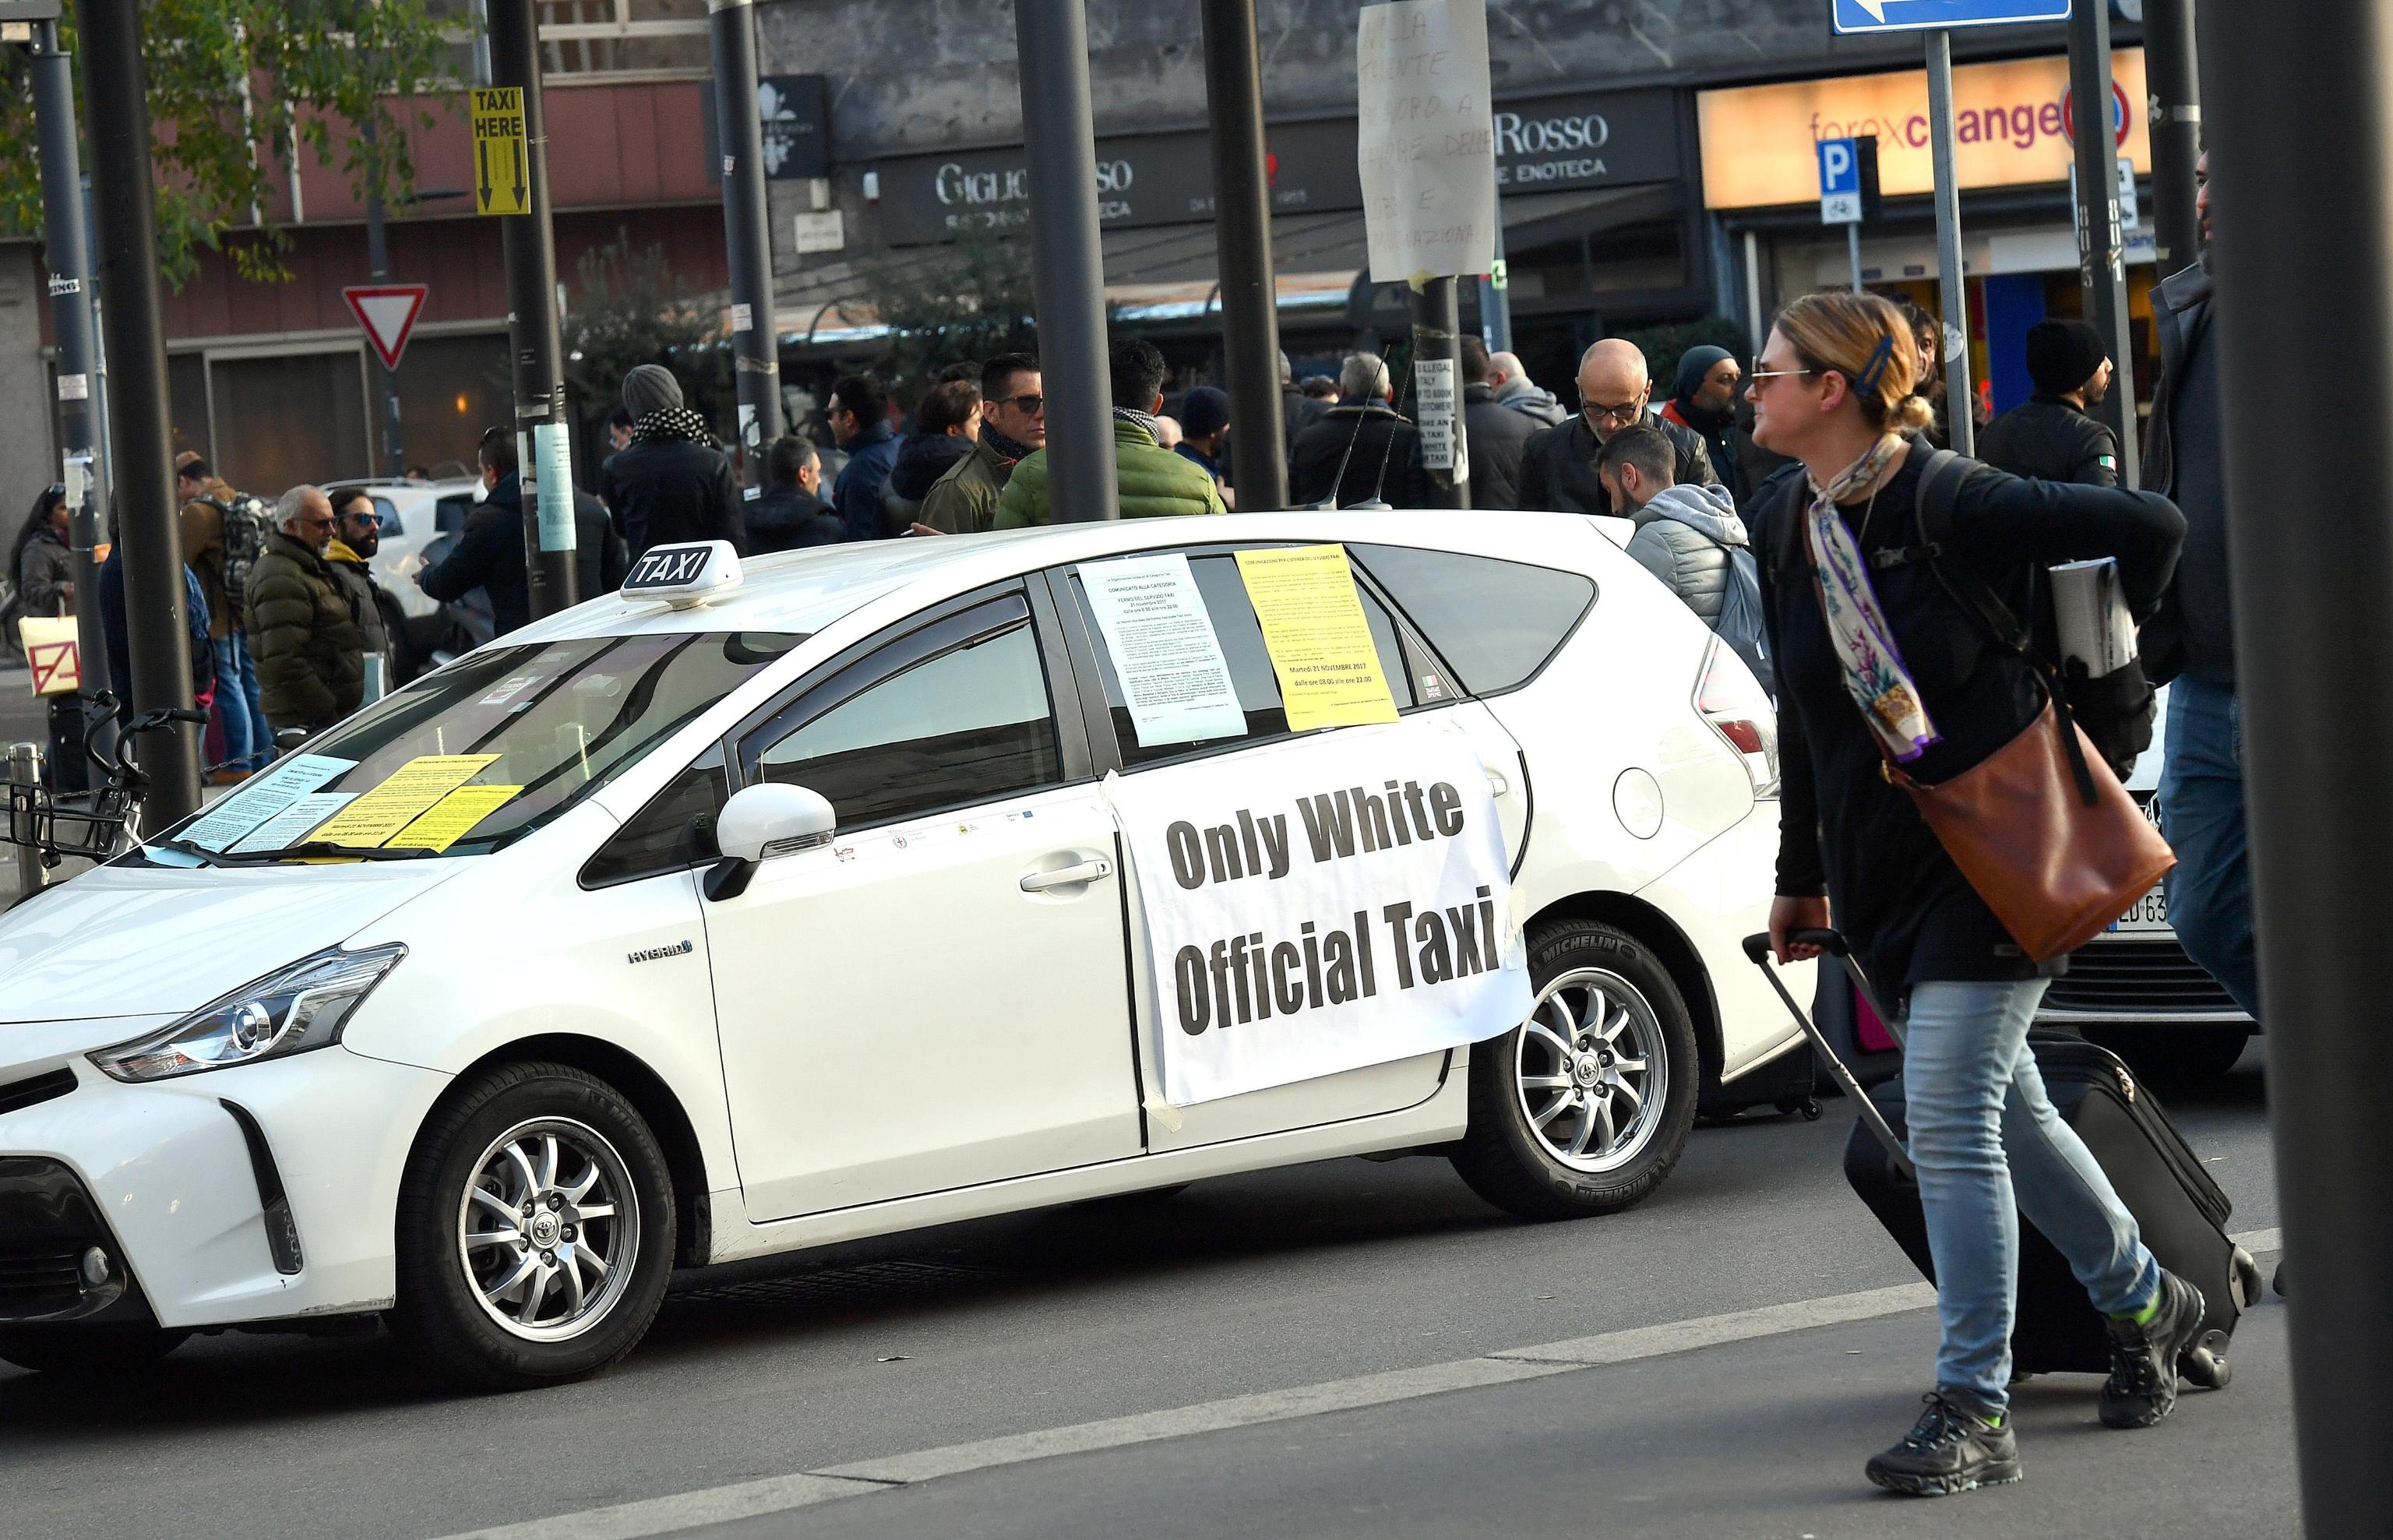 Milano: novello Mike Tyson litiga con un tassista e gli stacca un lobo dell'orecchio a morsi